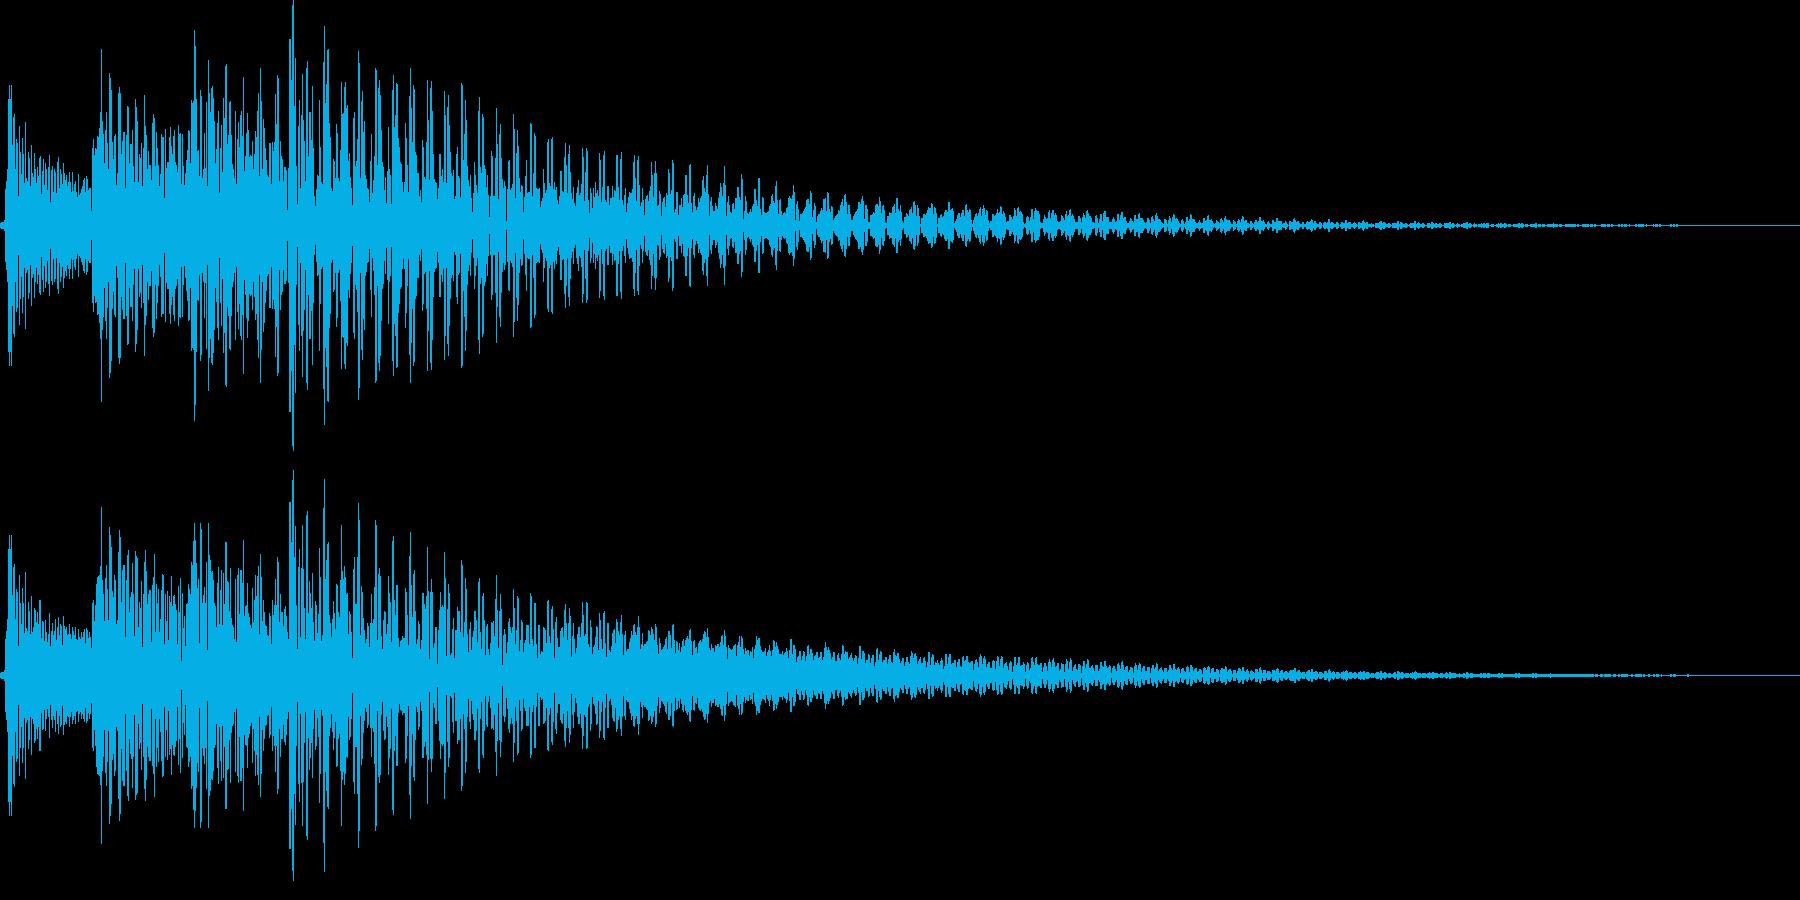 ジャラン低音(スタート 選択 登場)の再生済みの波形